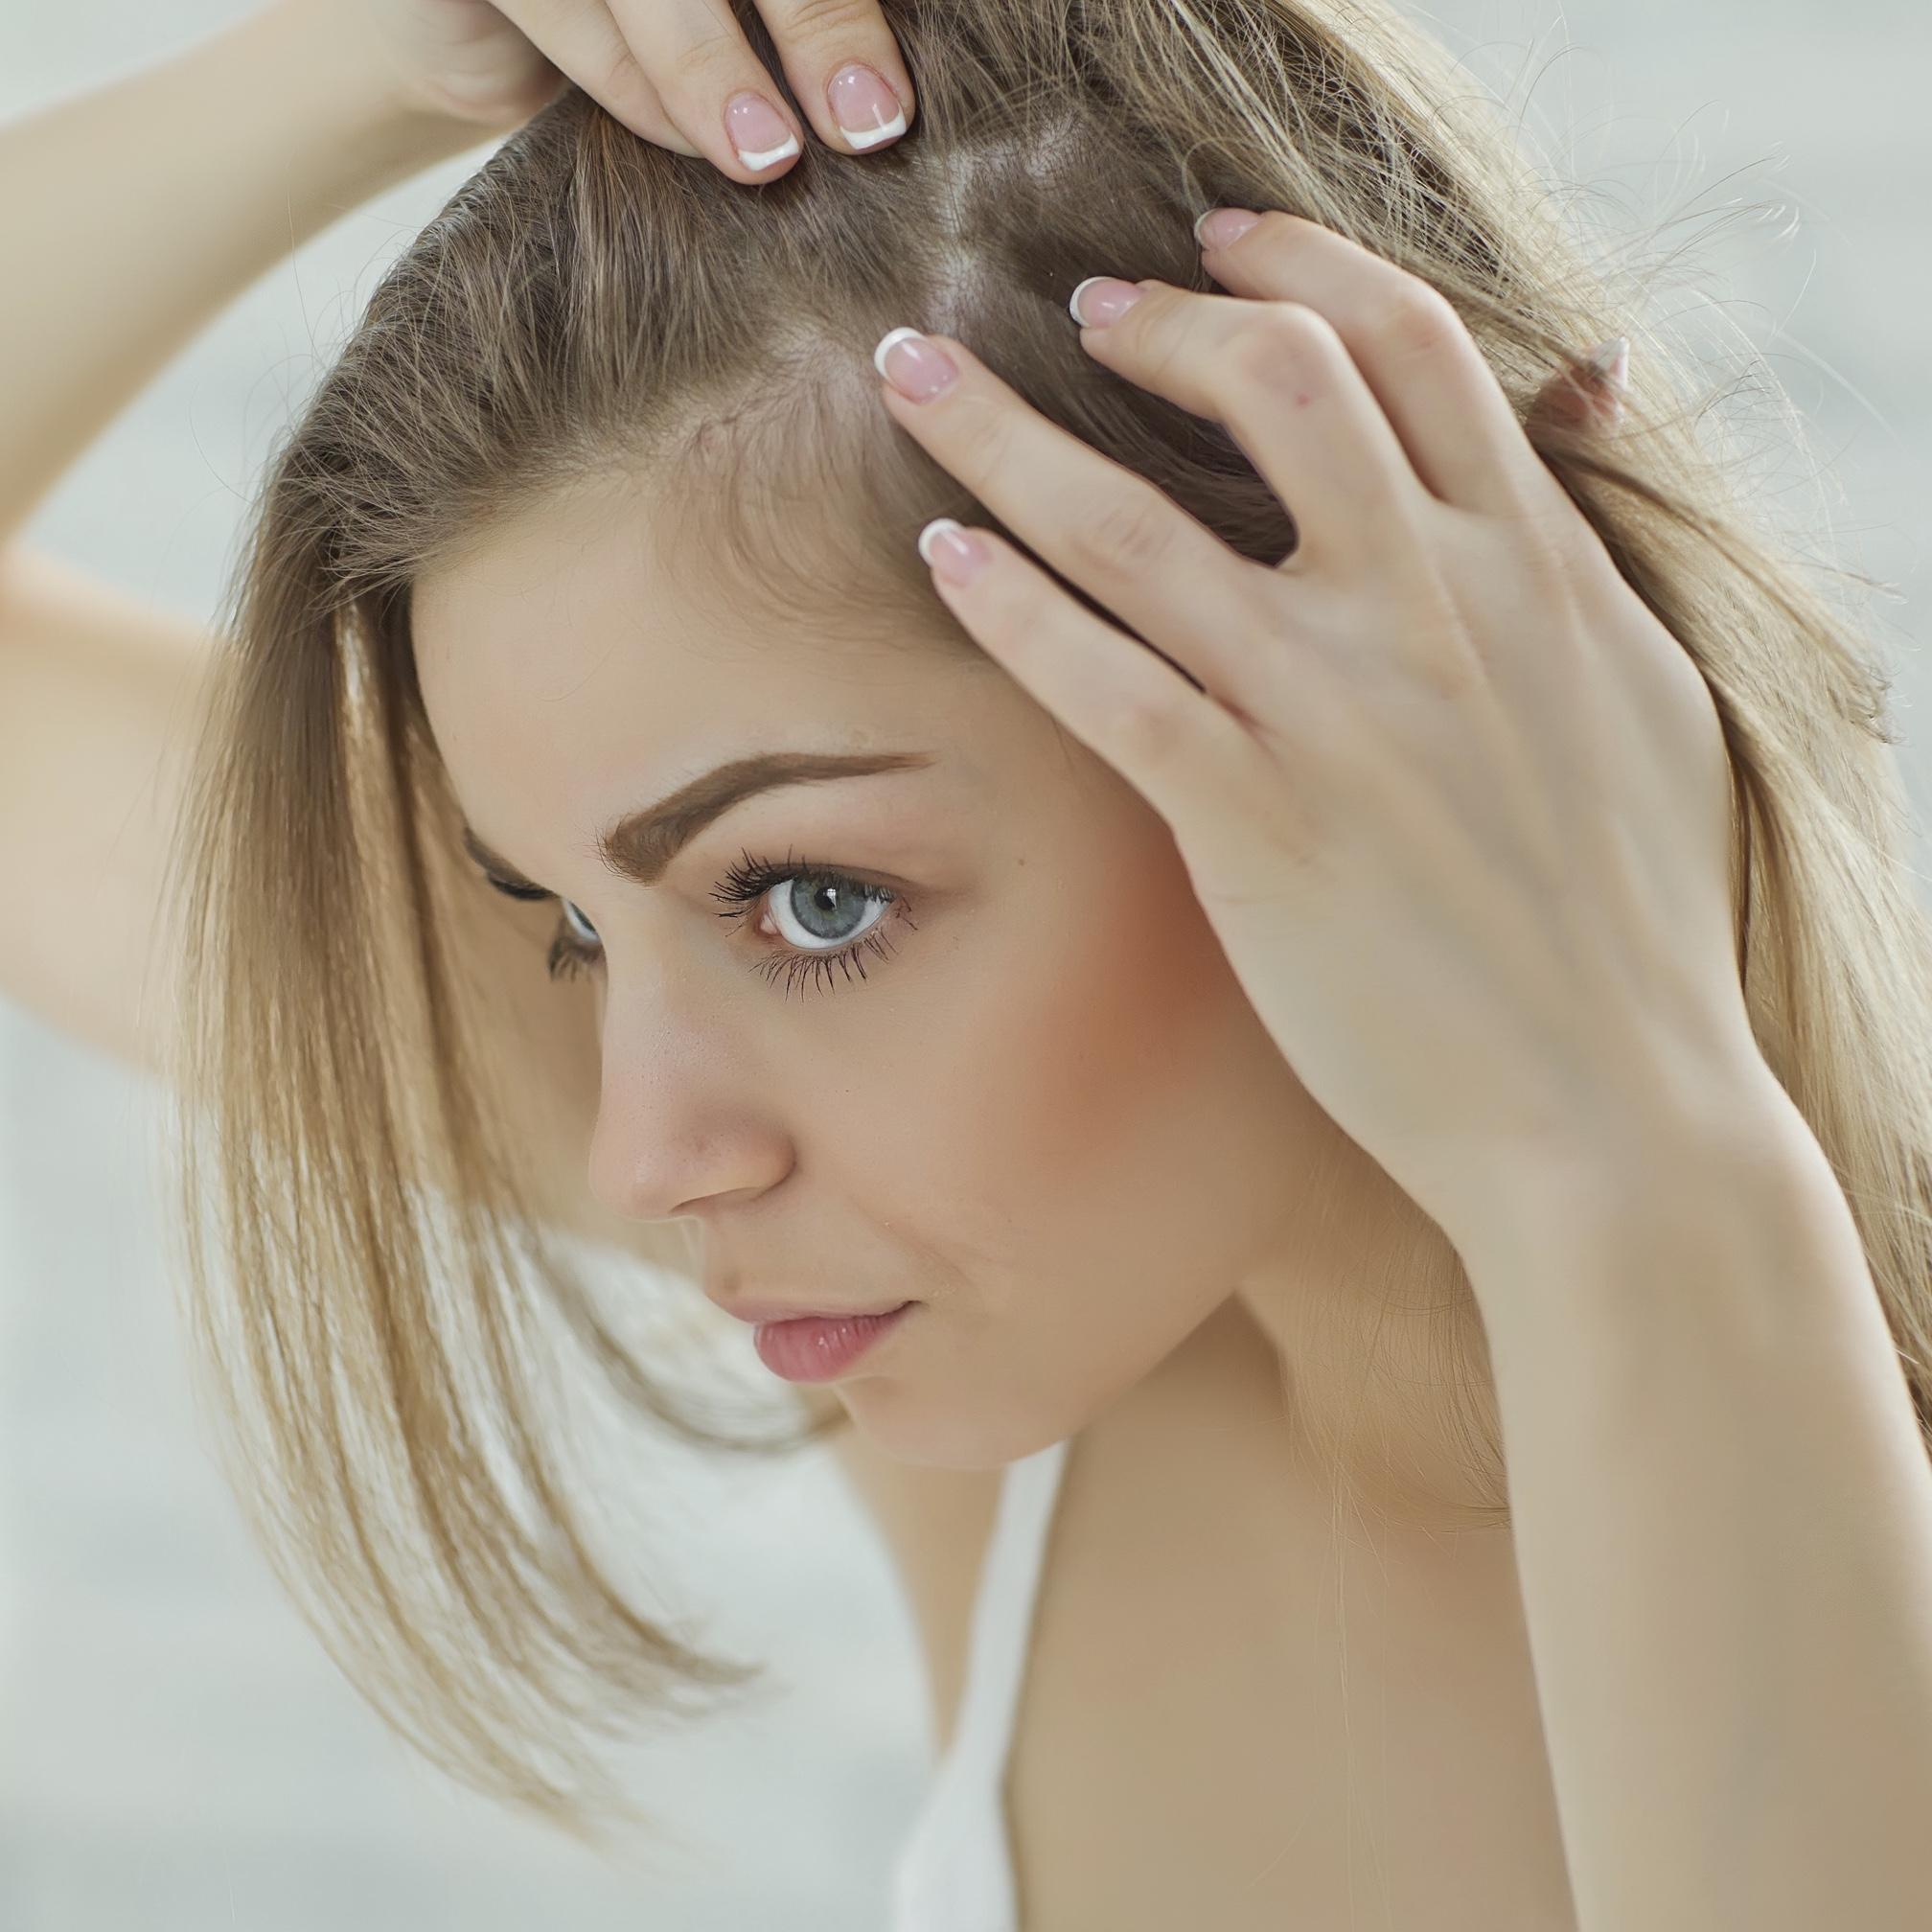 薄毛の悩みは分け目で変わる?プロが教える薄毛隠しのポイント術